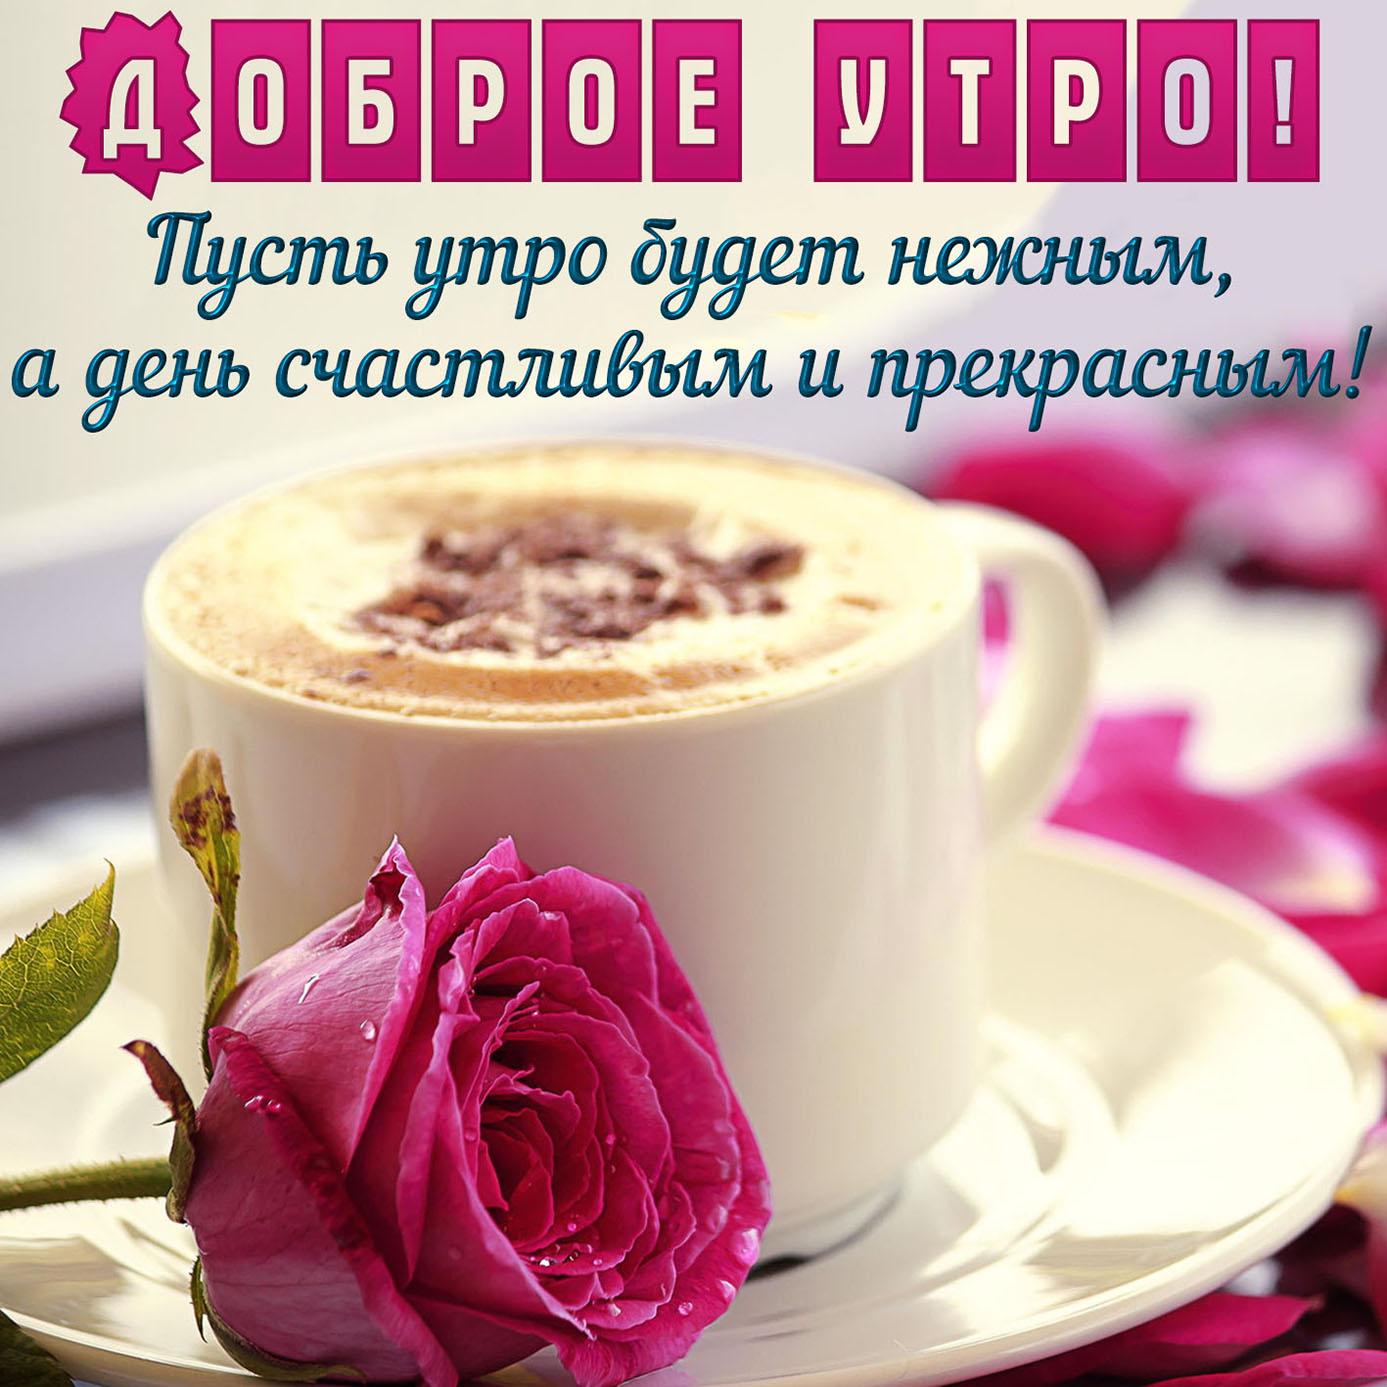 Открытка с чашкой кофе для доброго утра